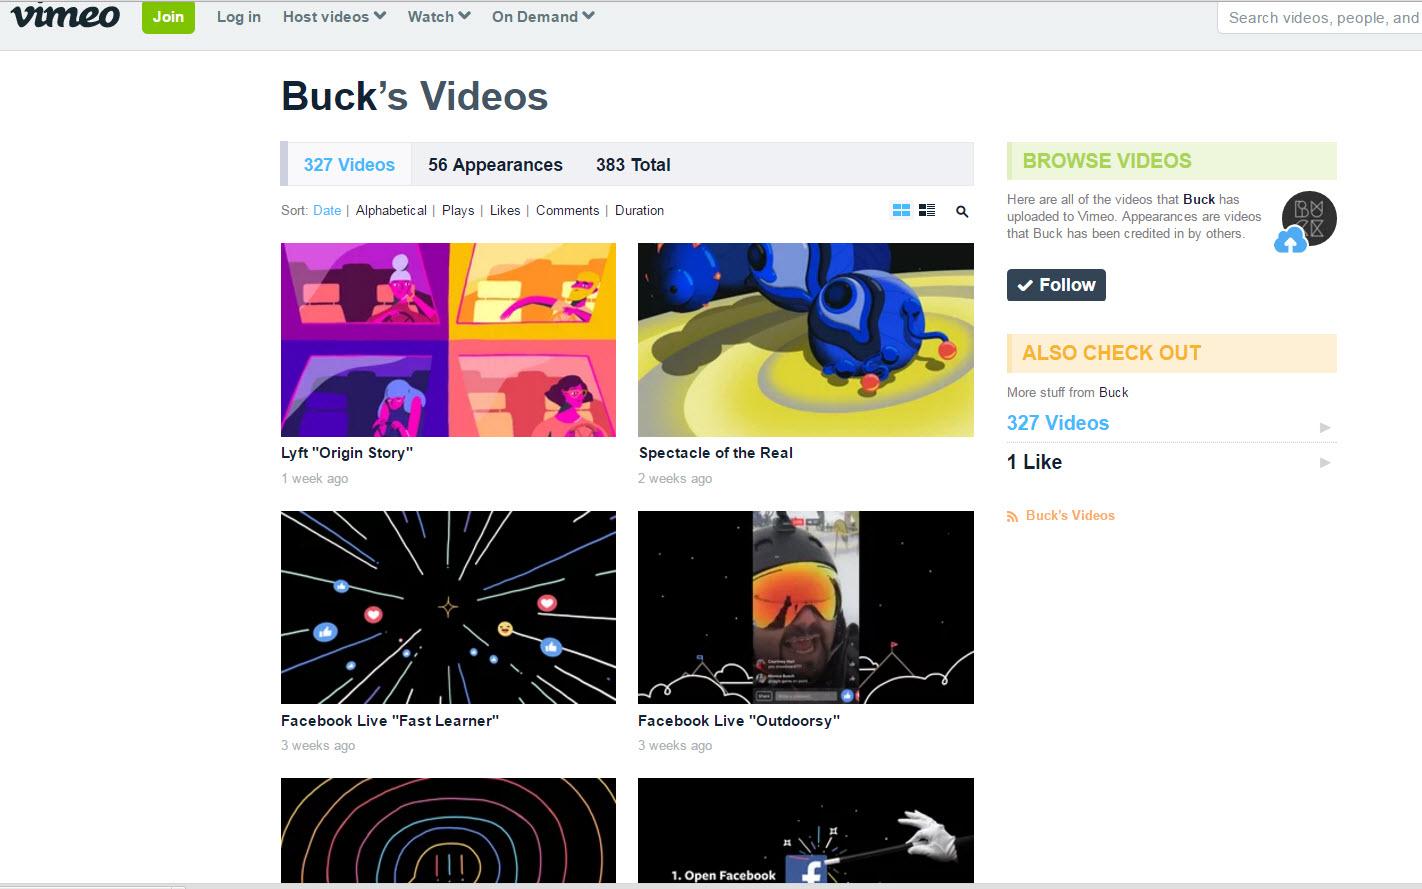 Buck Vimeo